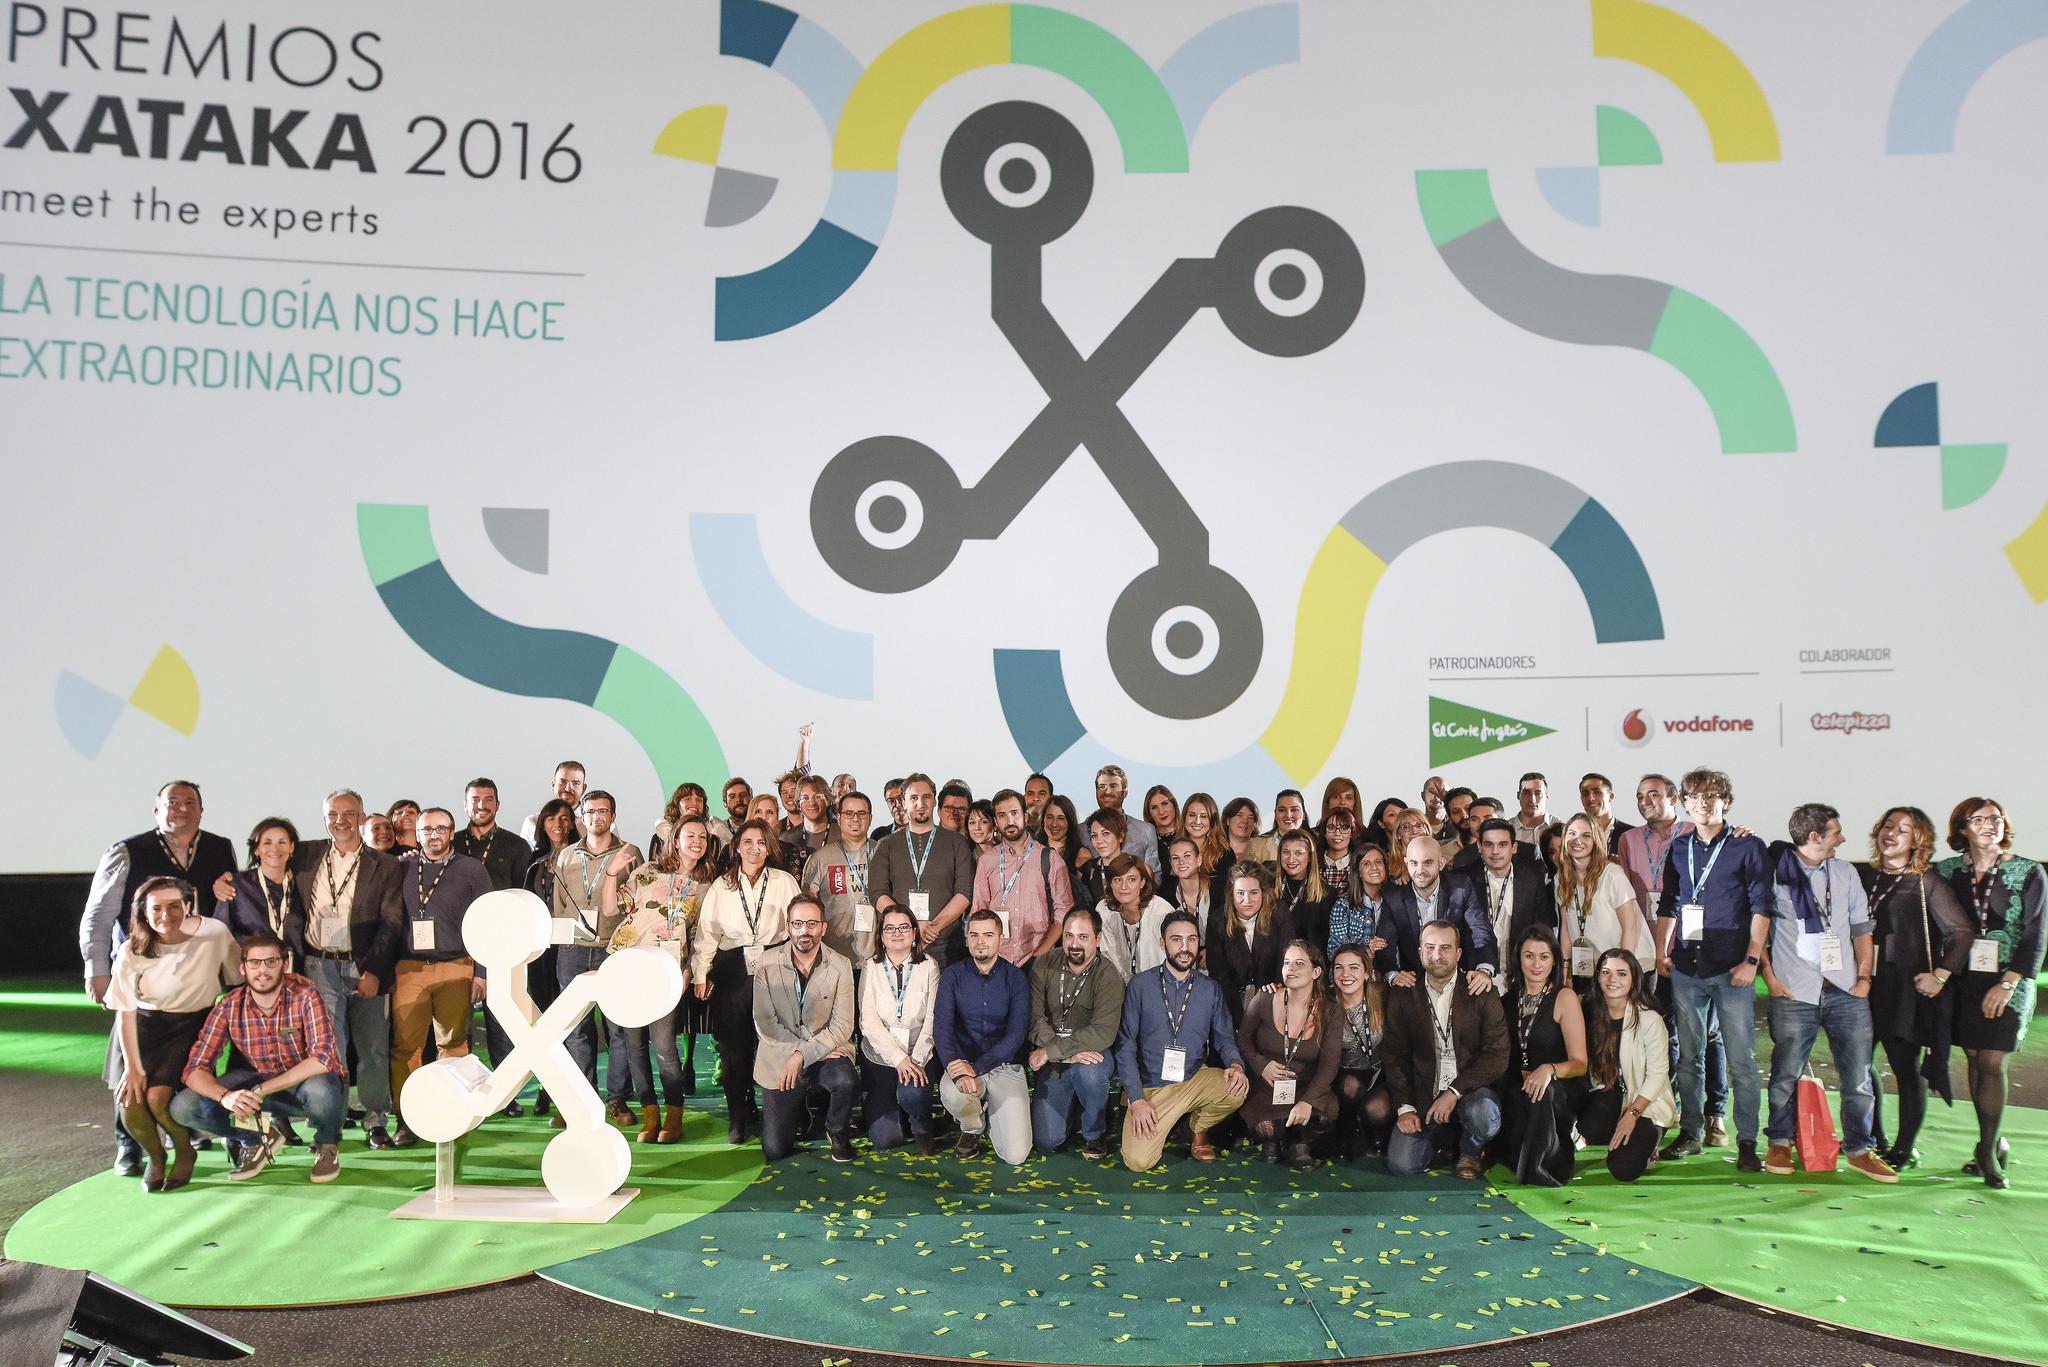 Equipo Weblogs SL y Socialmedia en los Premios Xataka 2016